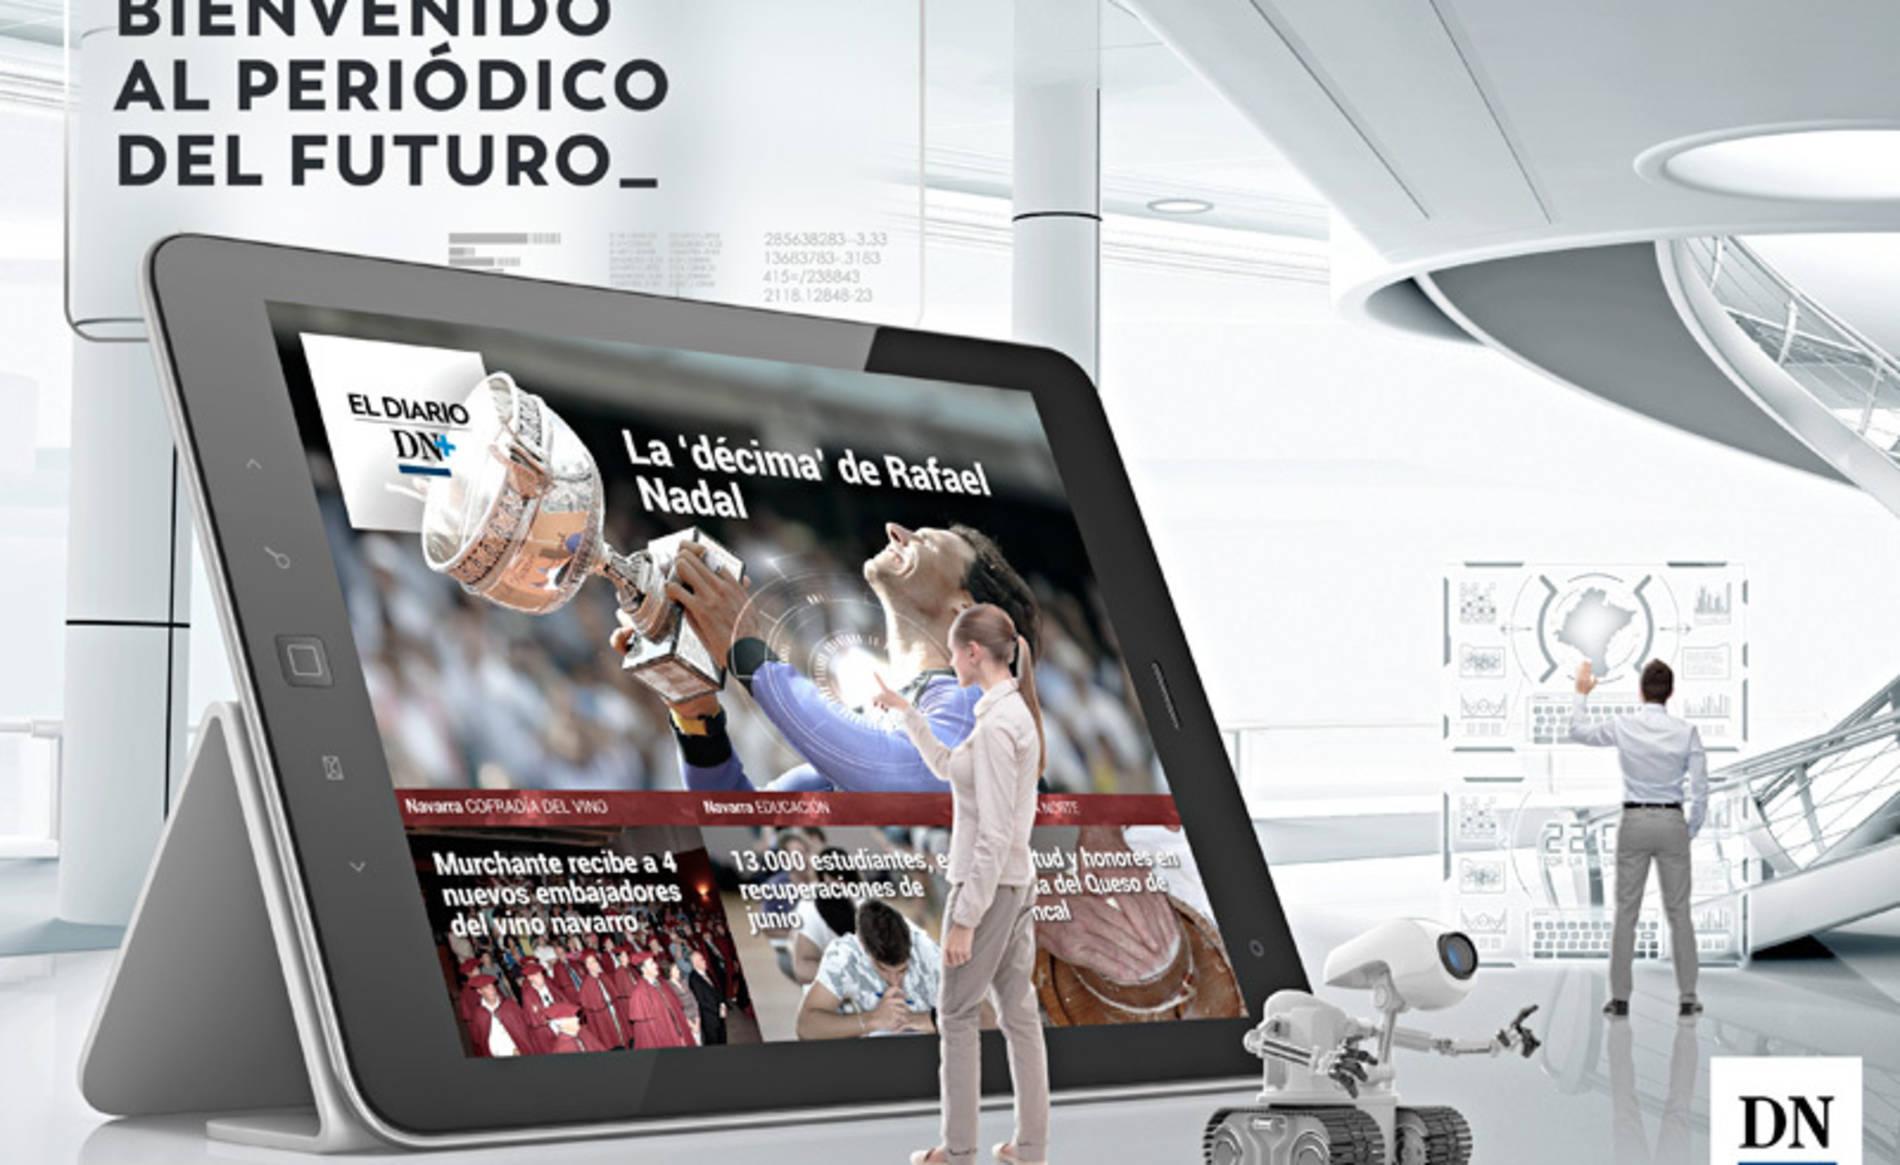 La bajada del paro en Navarra, en el Diario DN+ (1/8) - Además, llegan las semifinales del Interescolar - Destacados -